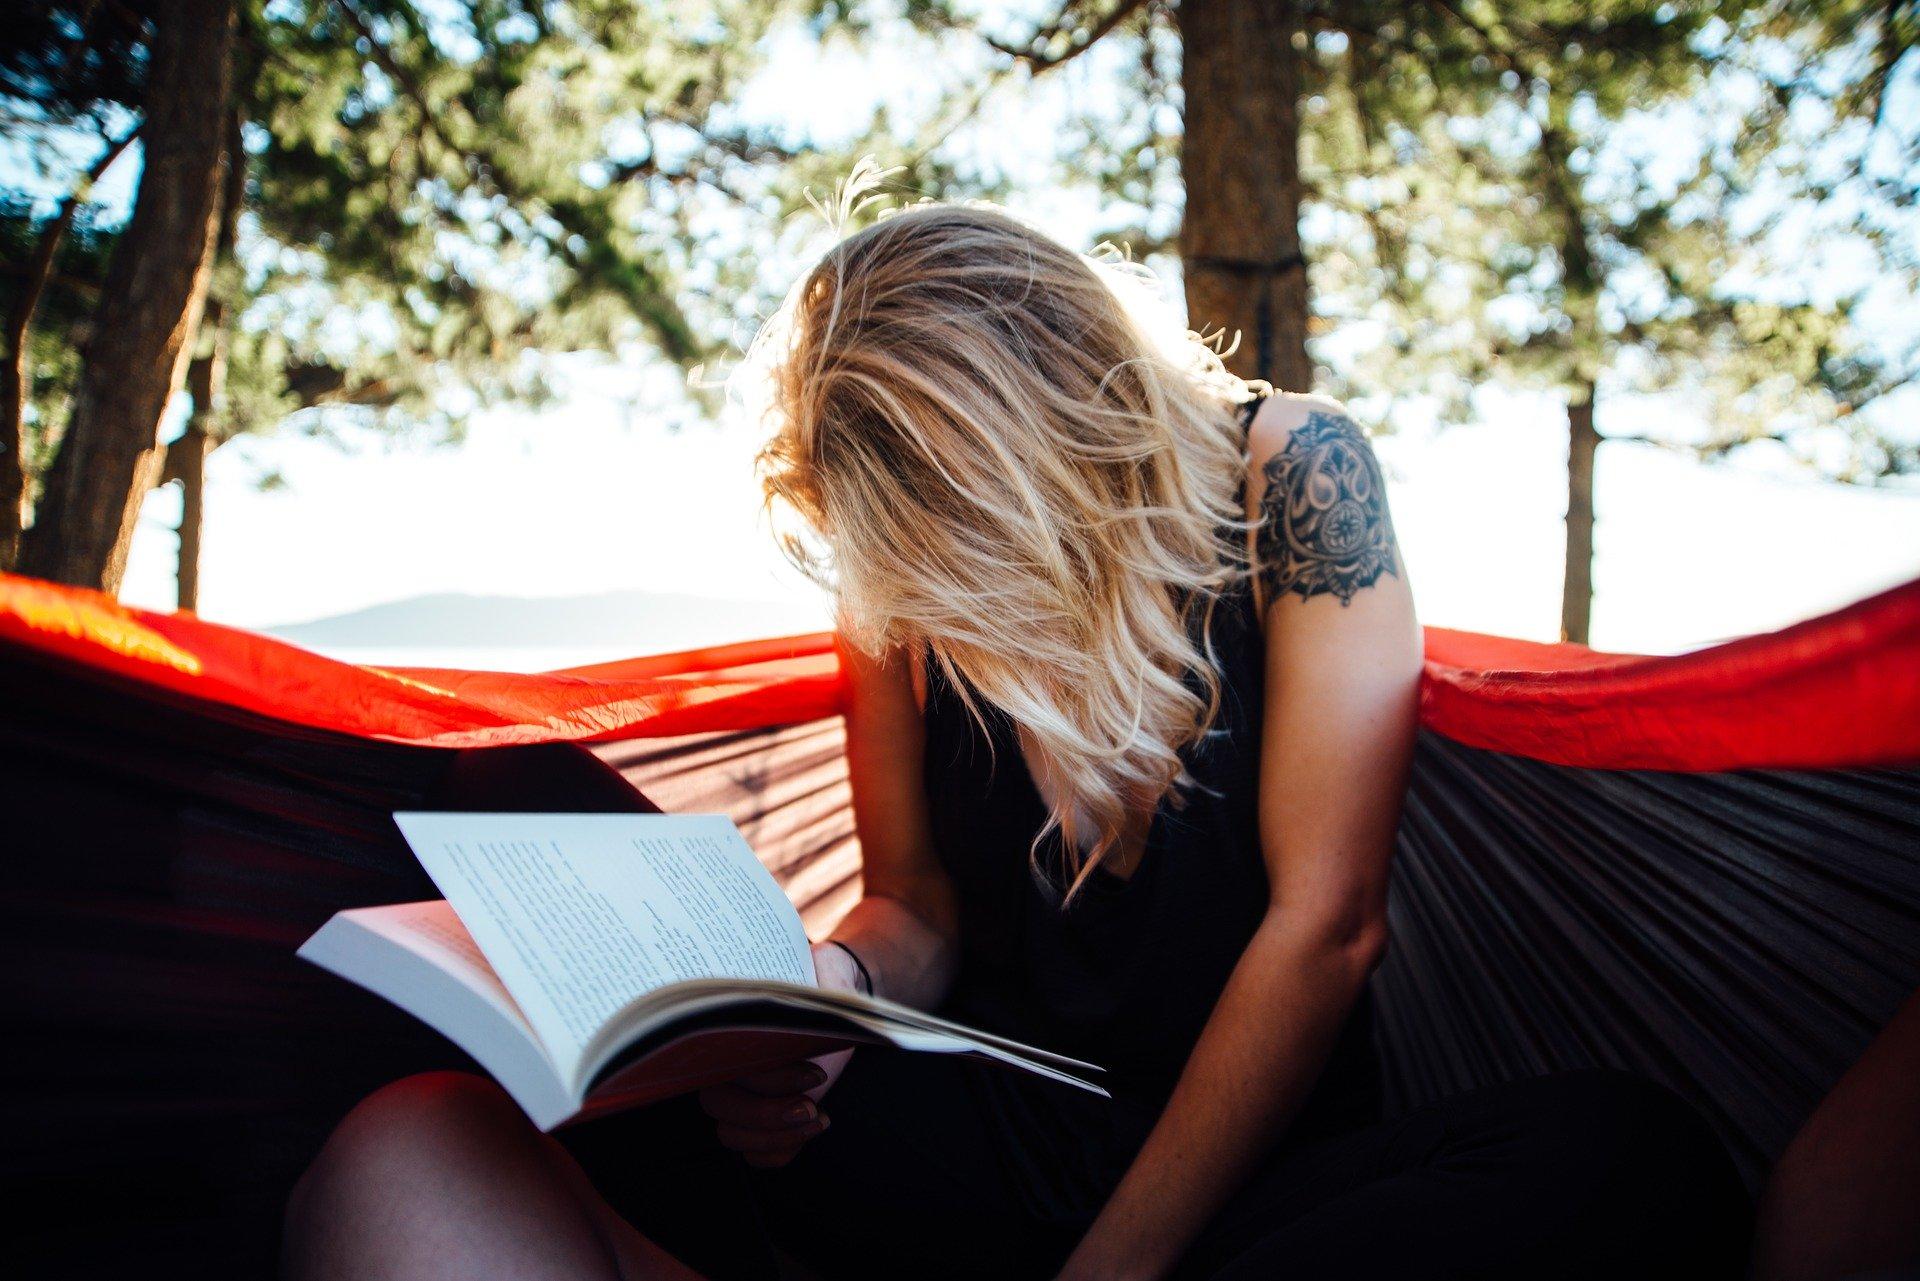 Busca libros que te llamen la atención, no te guíes por las modas